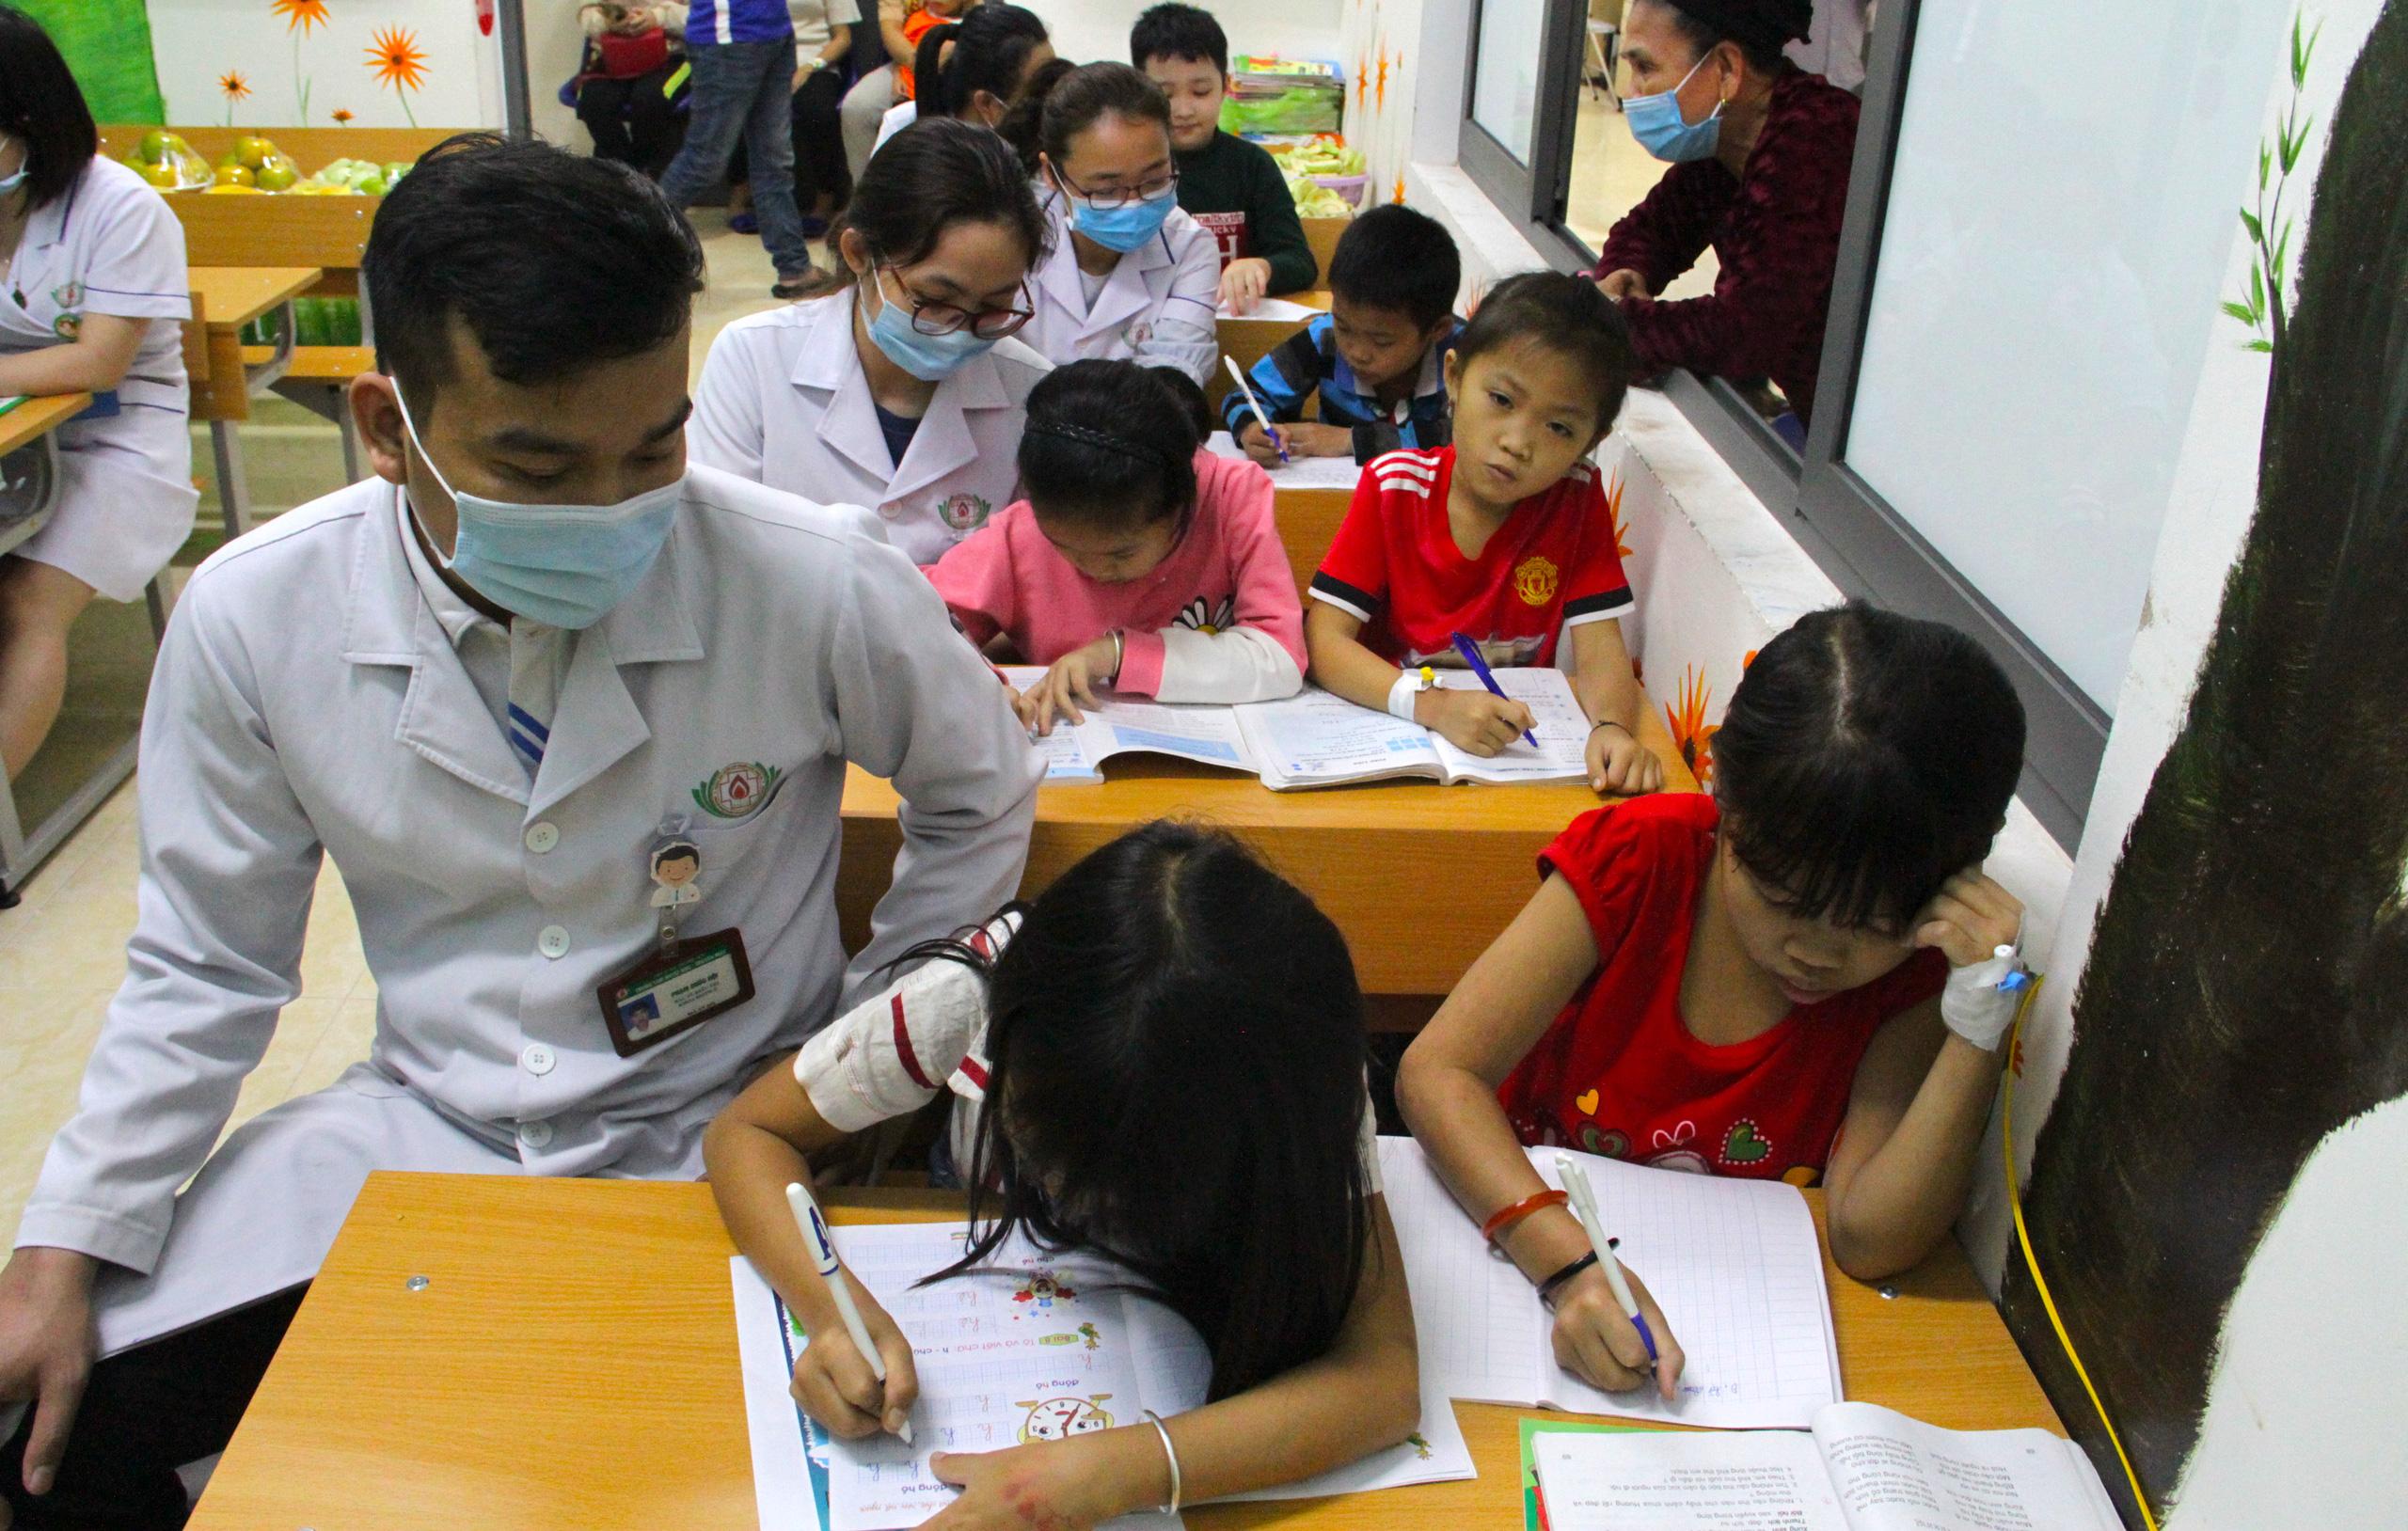 Lớp học đặc biệt trong trung tâm truyền máu, thầy cô là những người khoác áo blouse trắng - Ảnh 14.